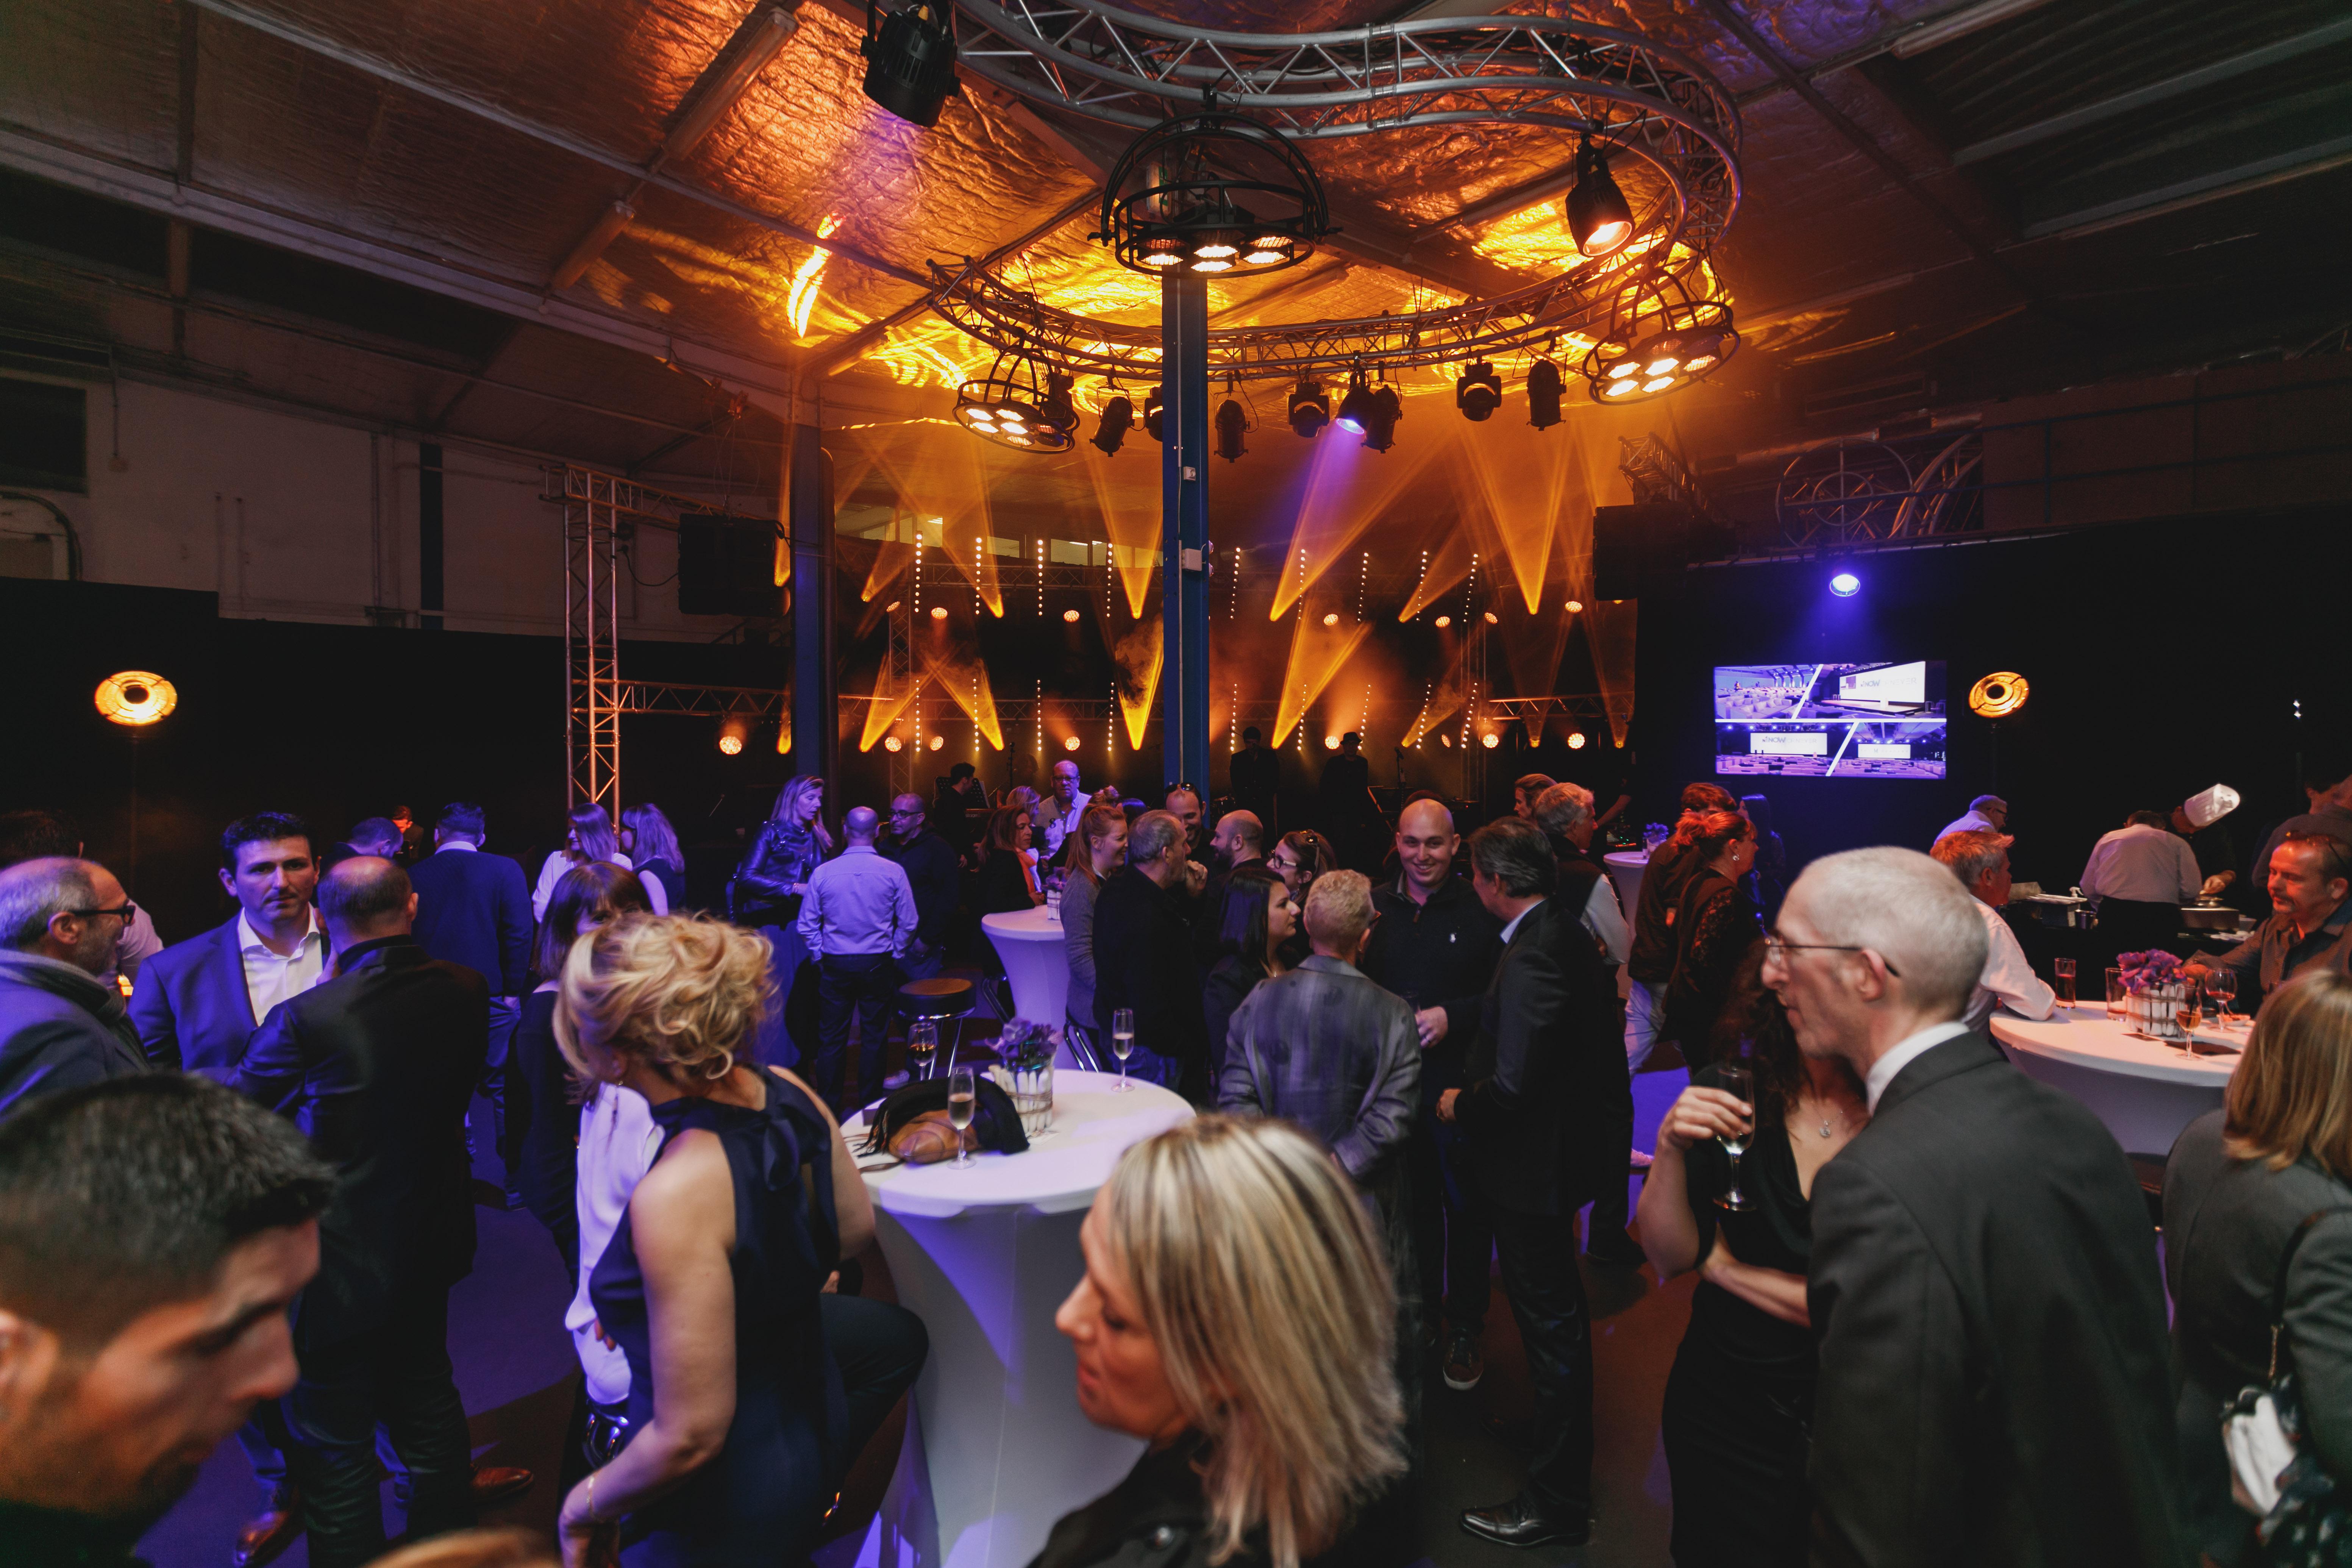 aucop-event-30 ans-video-son-lumieres-soiree-evenement-nice-carros